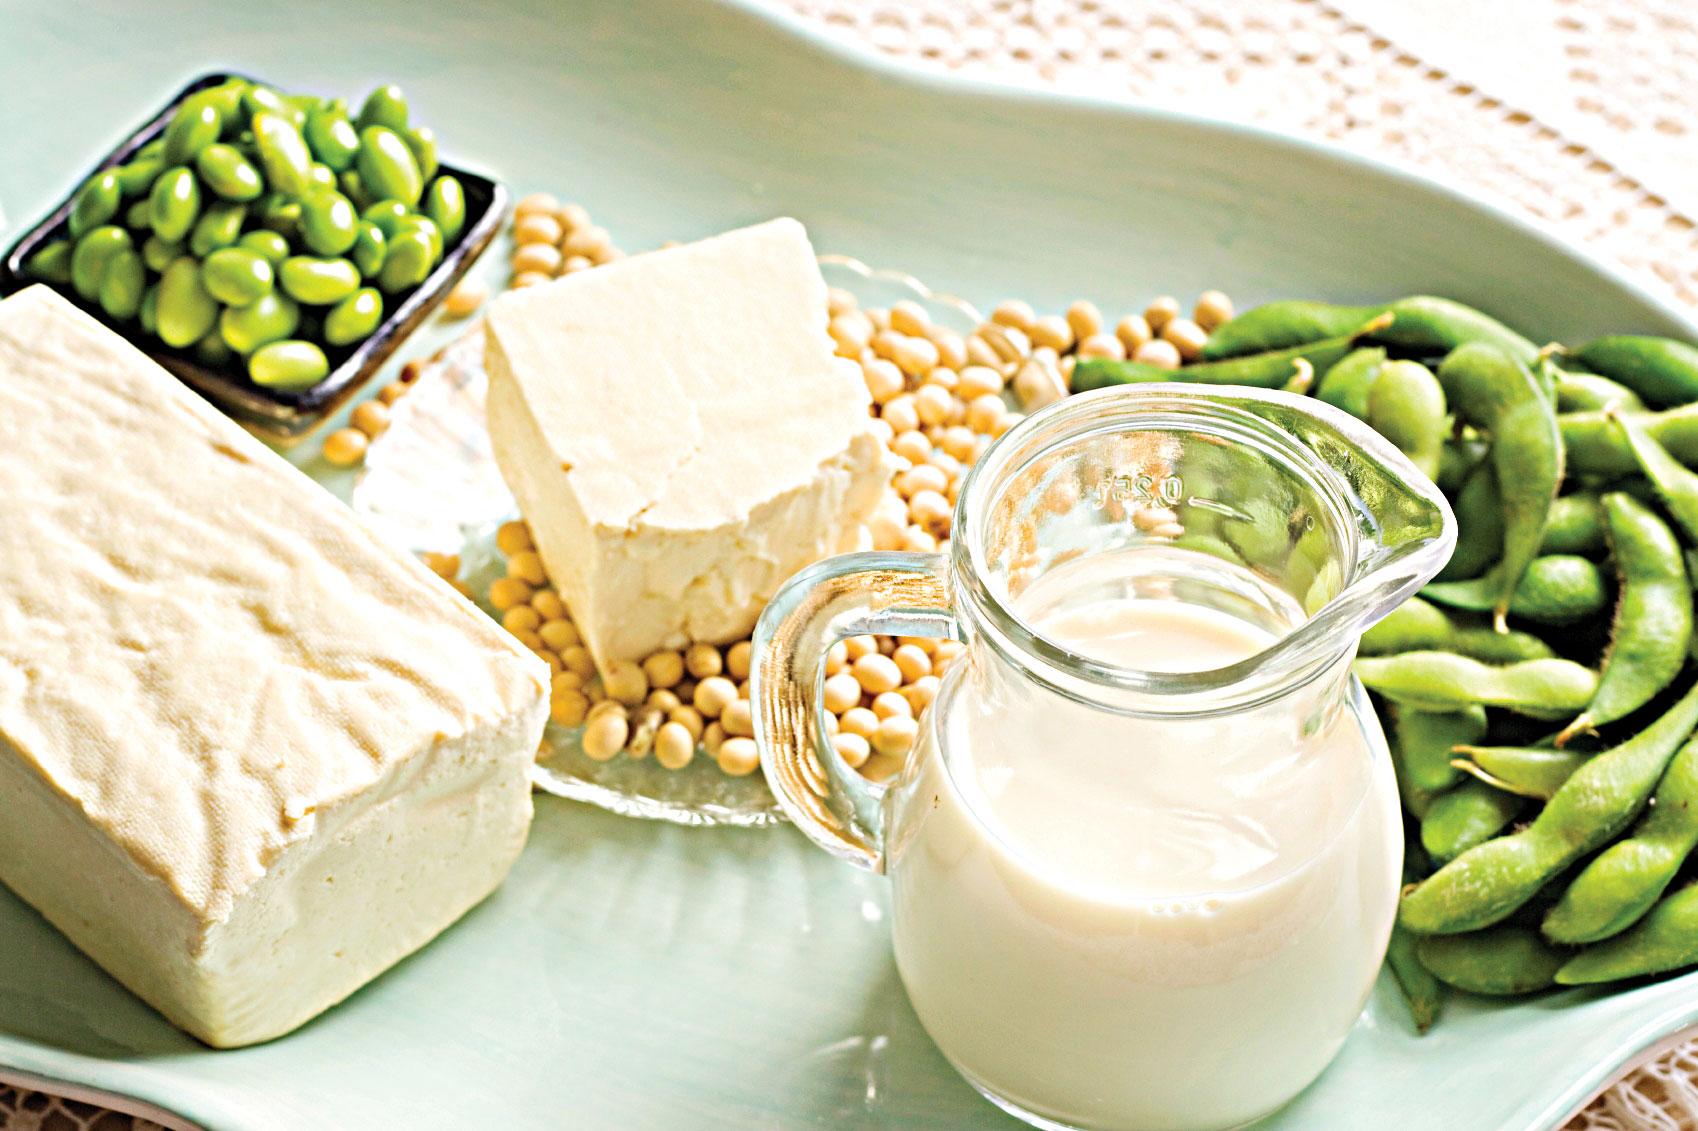 Đậu nành nằm trong những món ăn làm yếu sinh lý